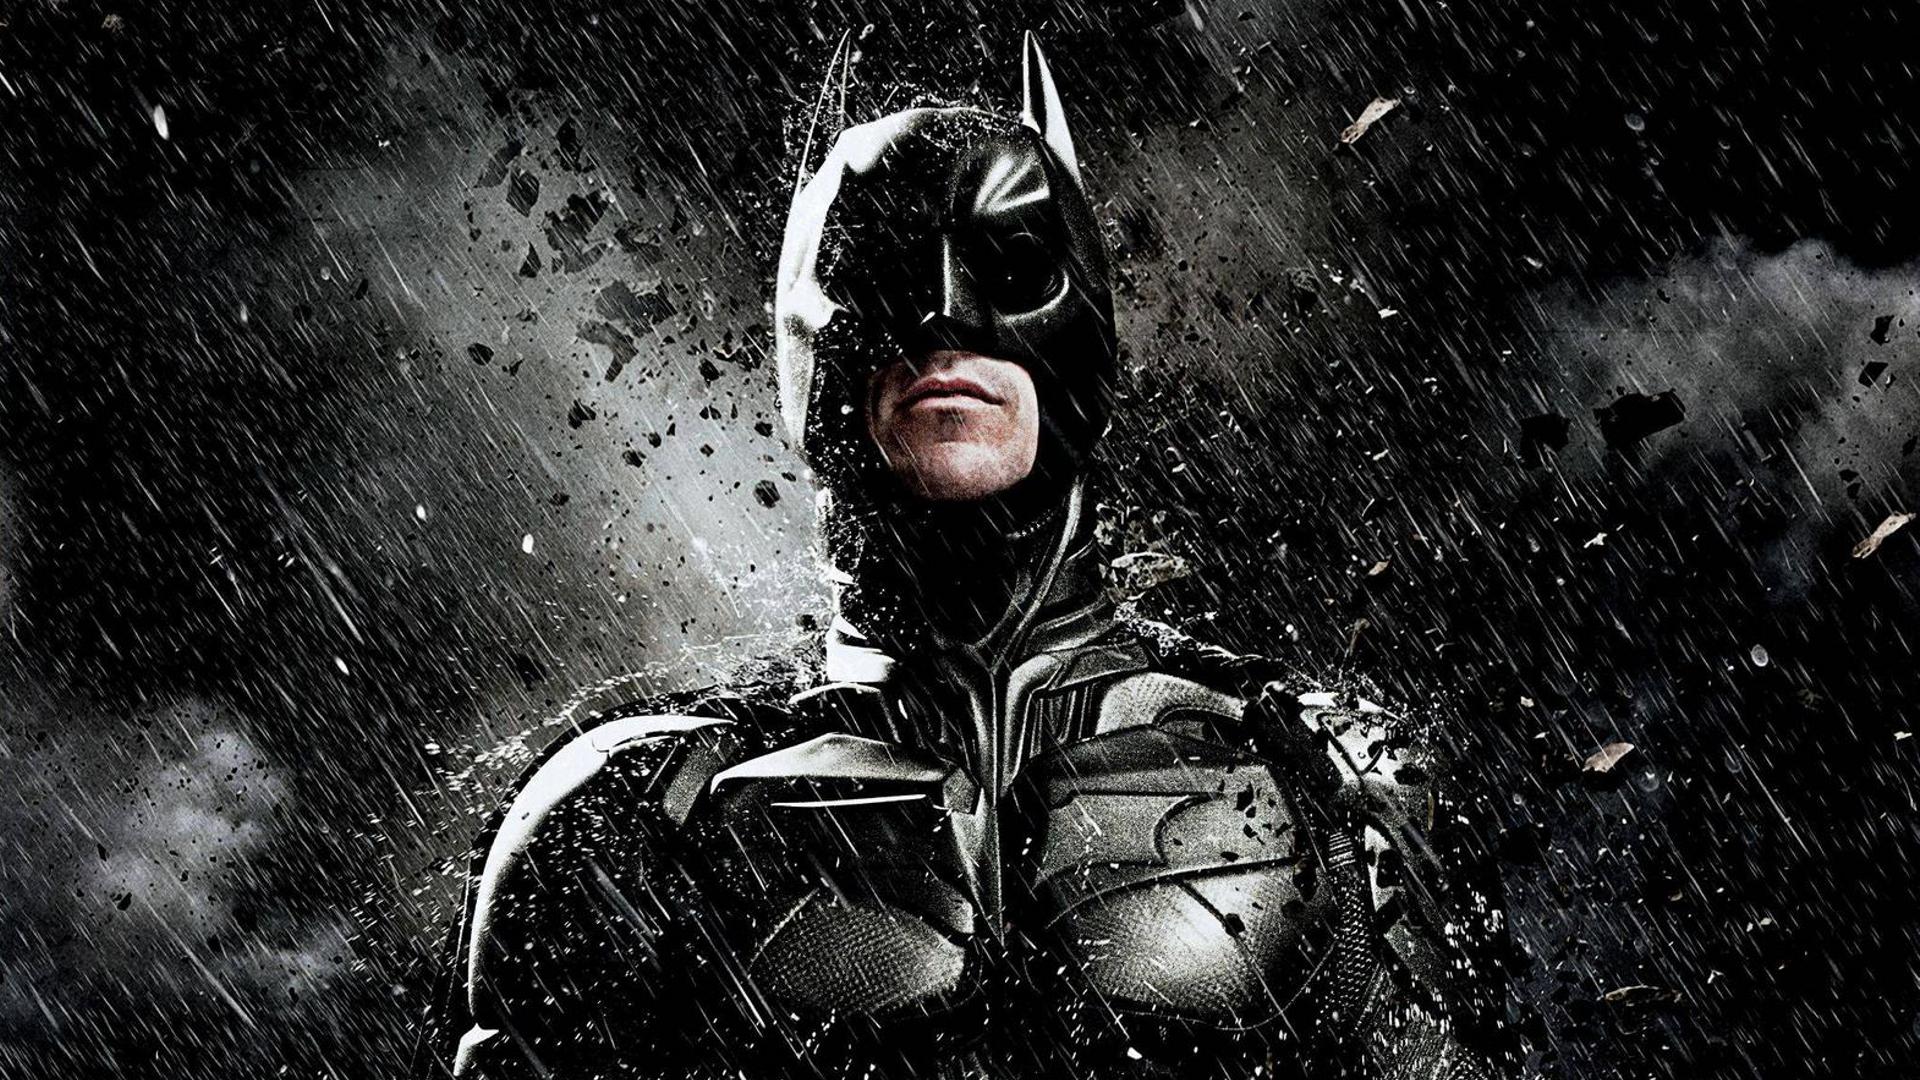 batman the dark knight rises online free